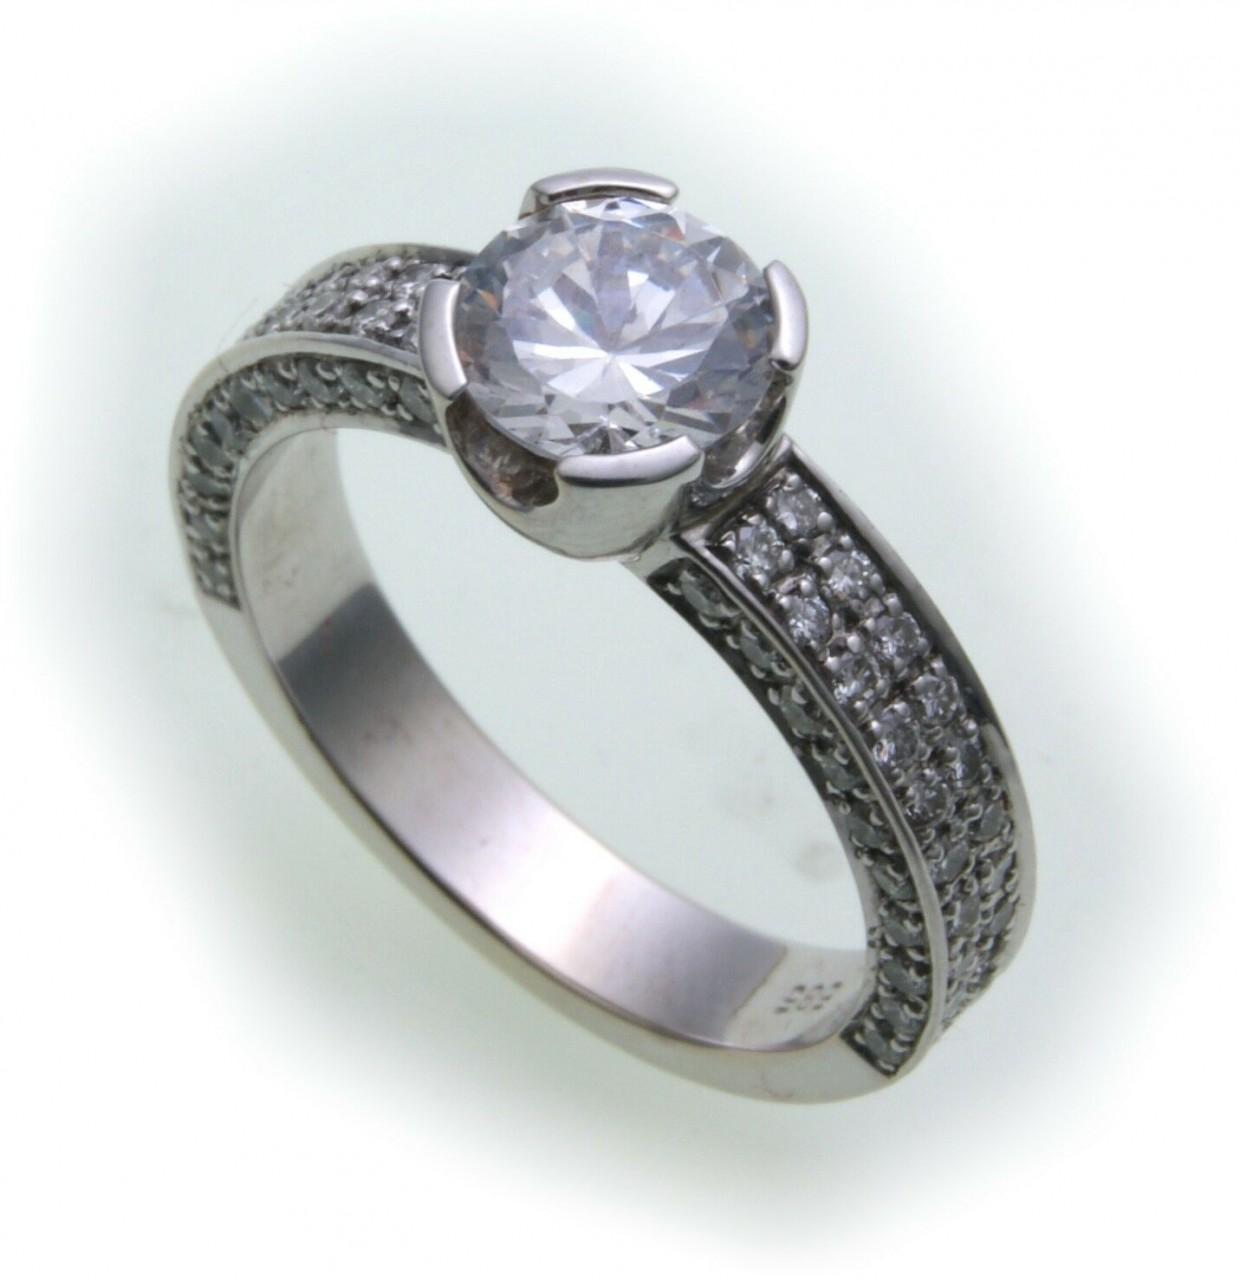 Damen Ring Brillant 1,80 c Diamant si echt Weißgold 750 18kt 1,0 ct Solitär Gold